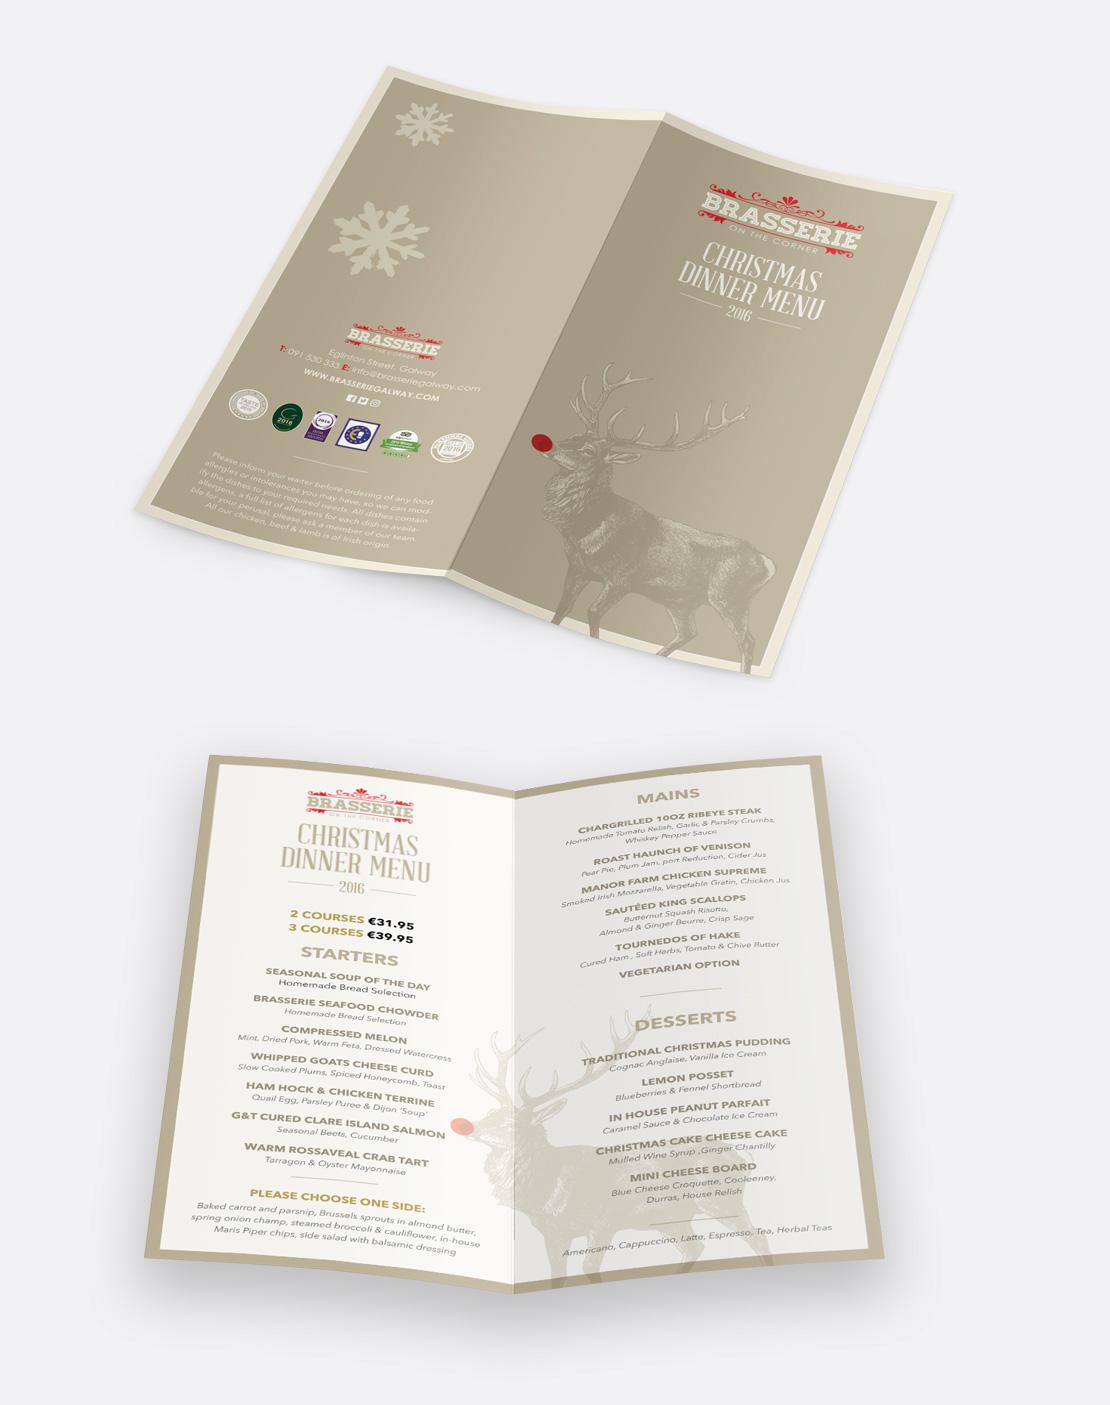 Brasserie on the Corner Christmas Dinner DL sized menus